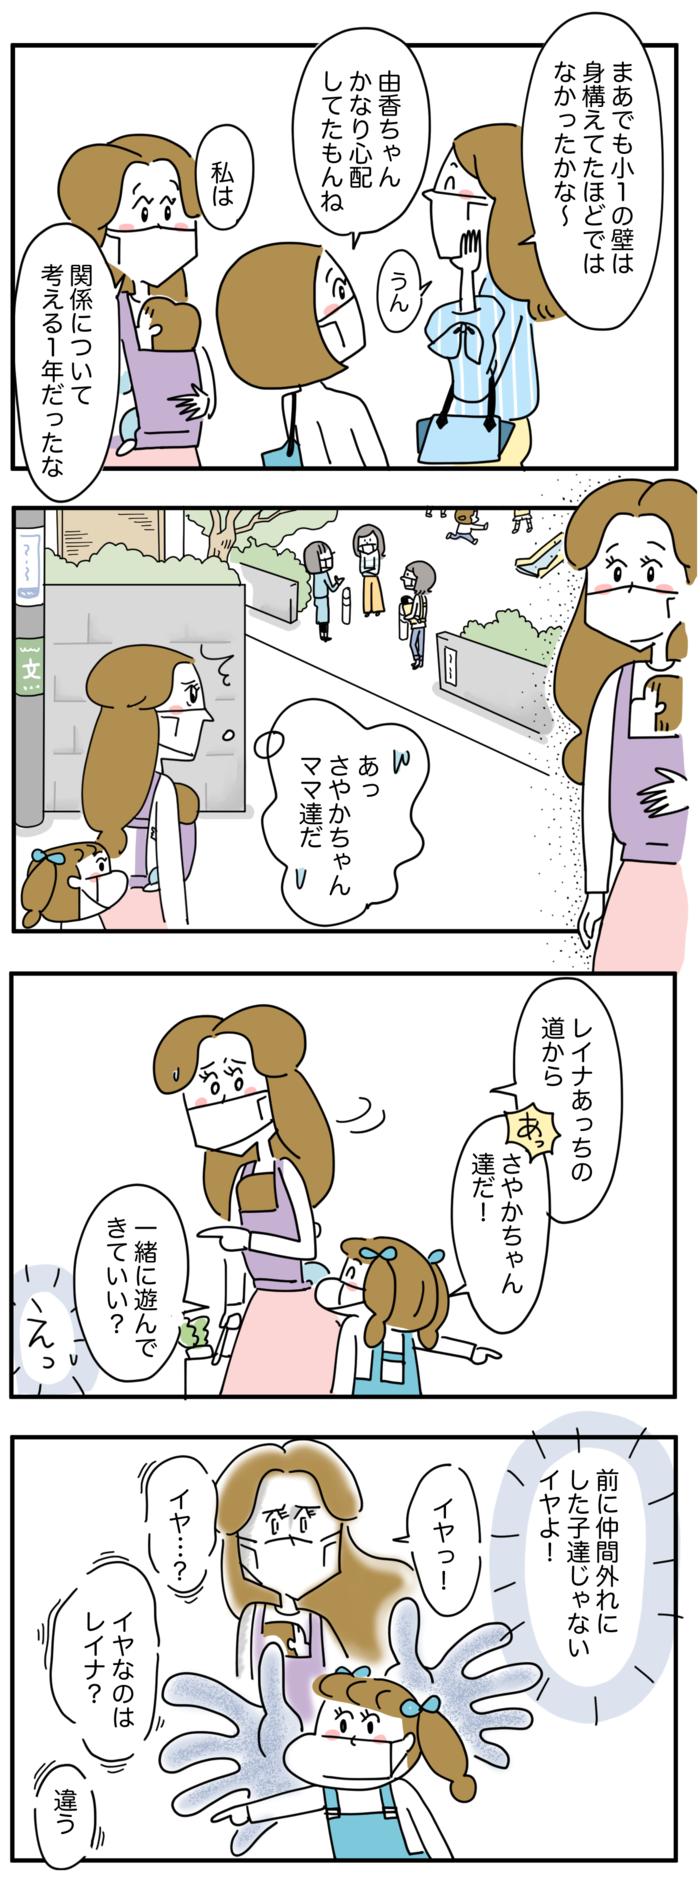 「ママ友」という関係の正体は…!?1年間の小学校生活でやっと分かったことの画像3